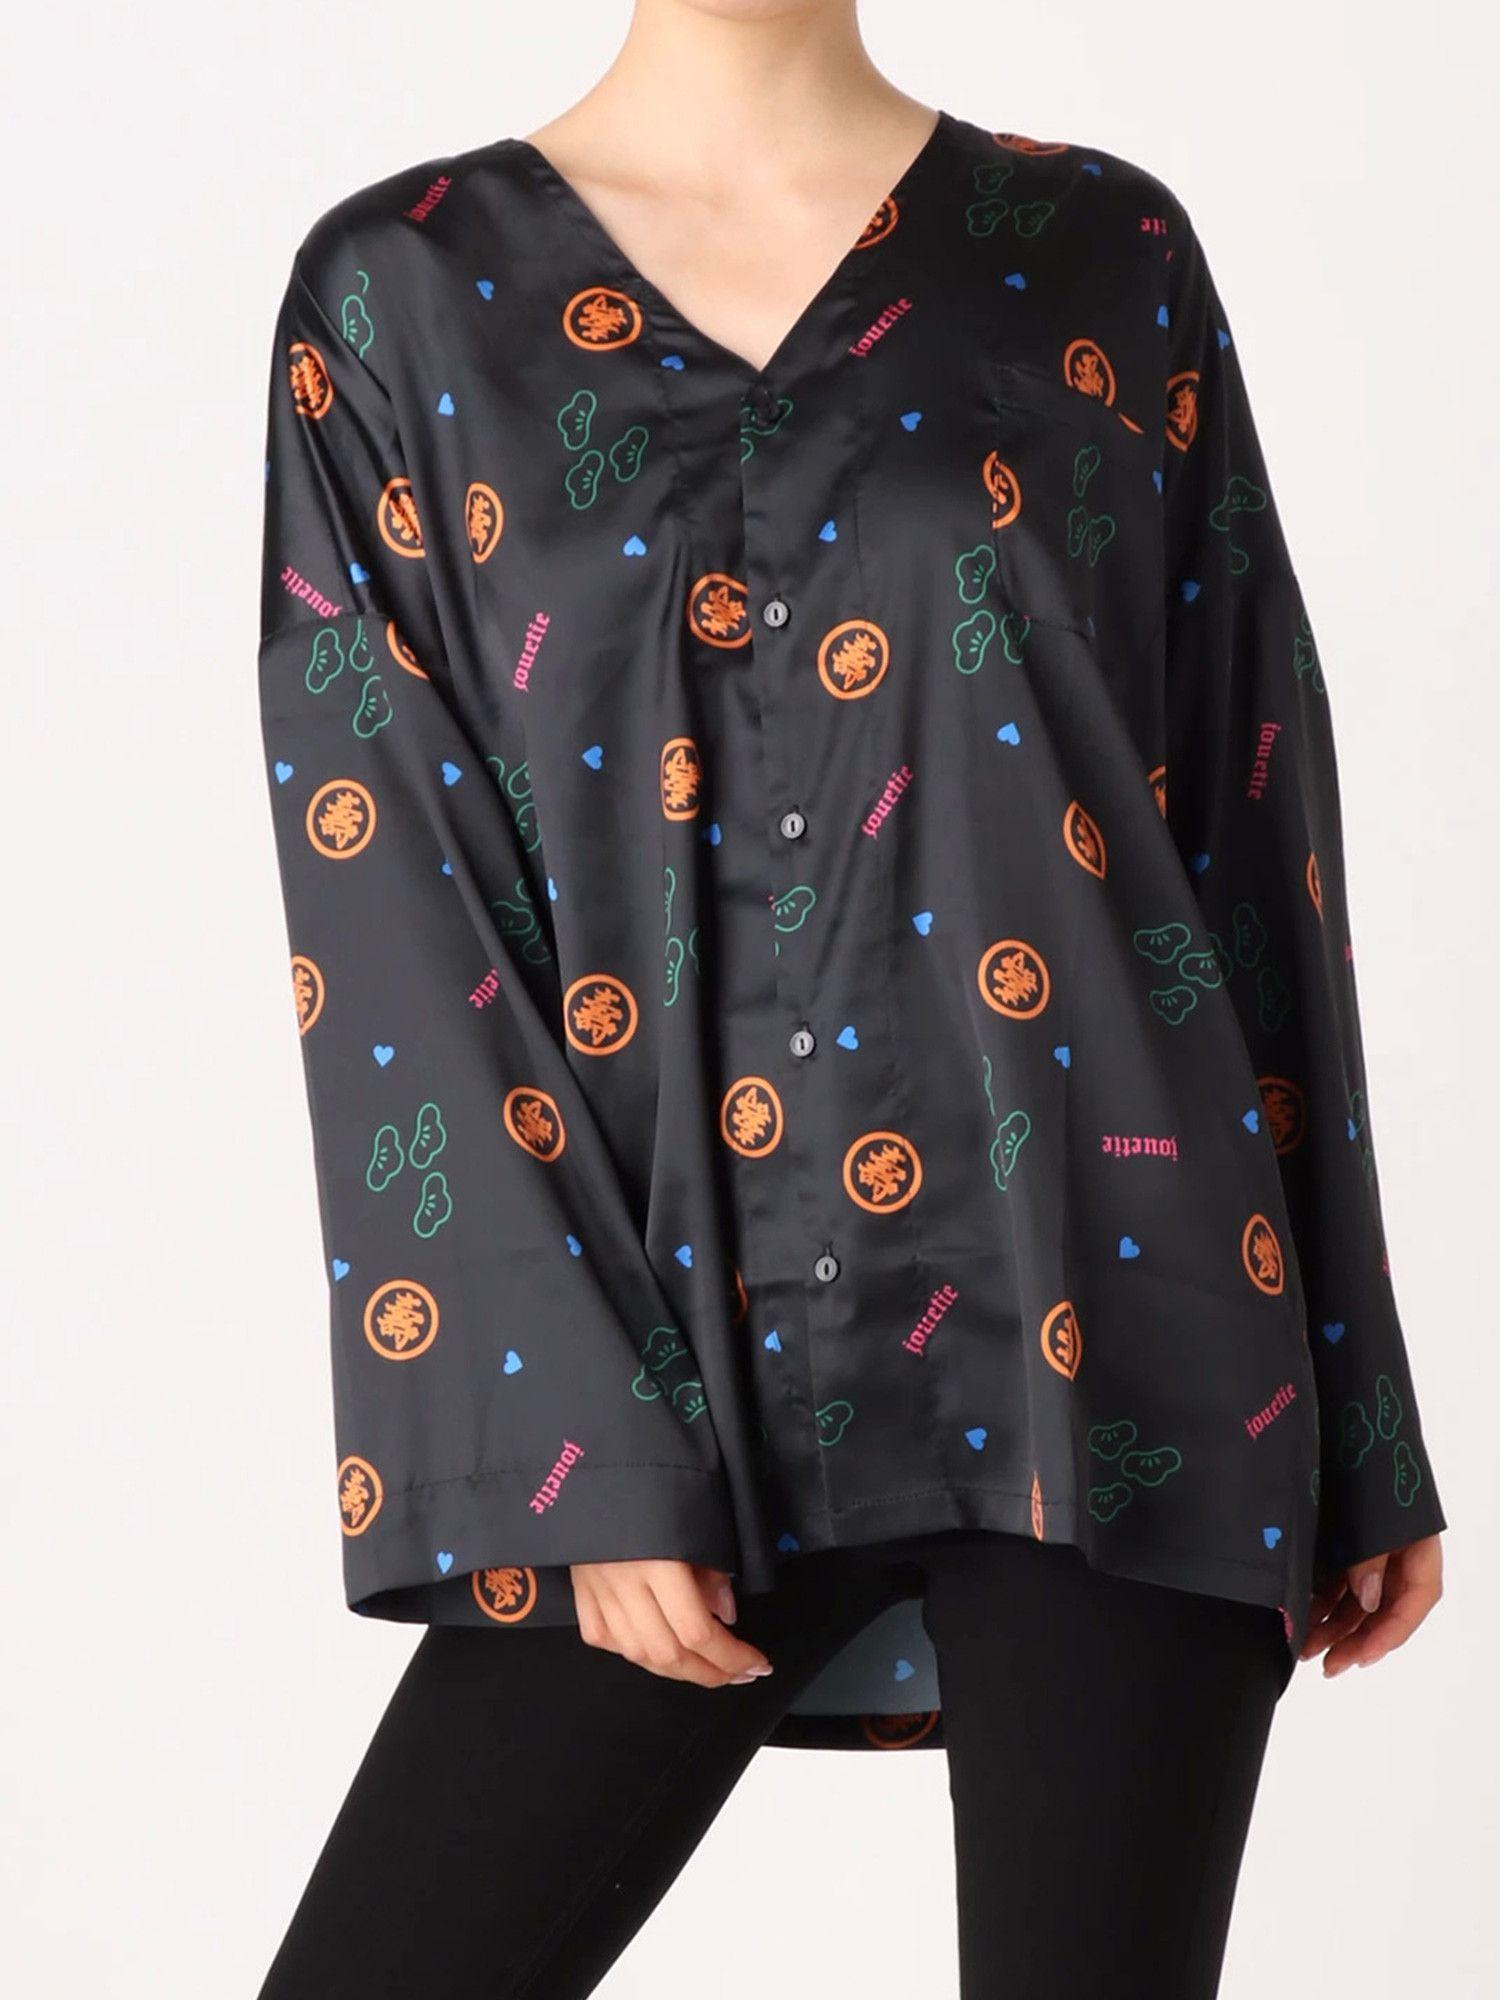 POSTOKYO koikuchi shirt